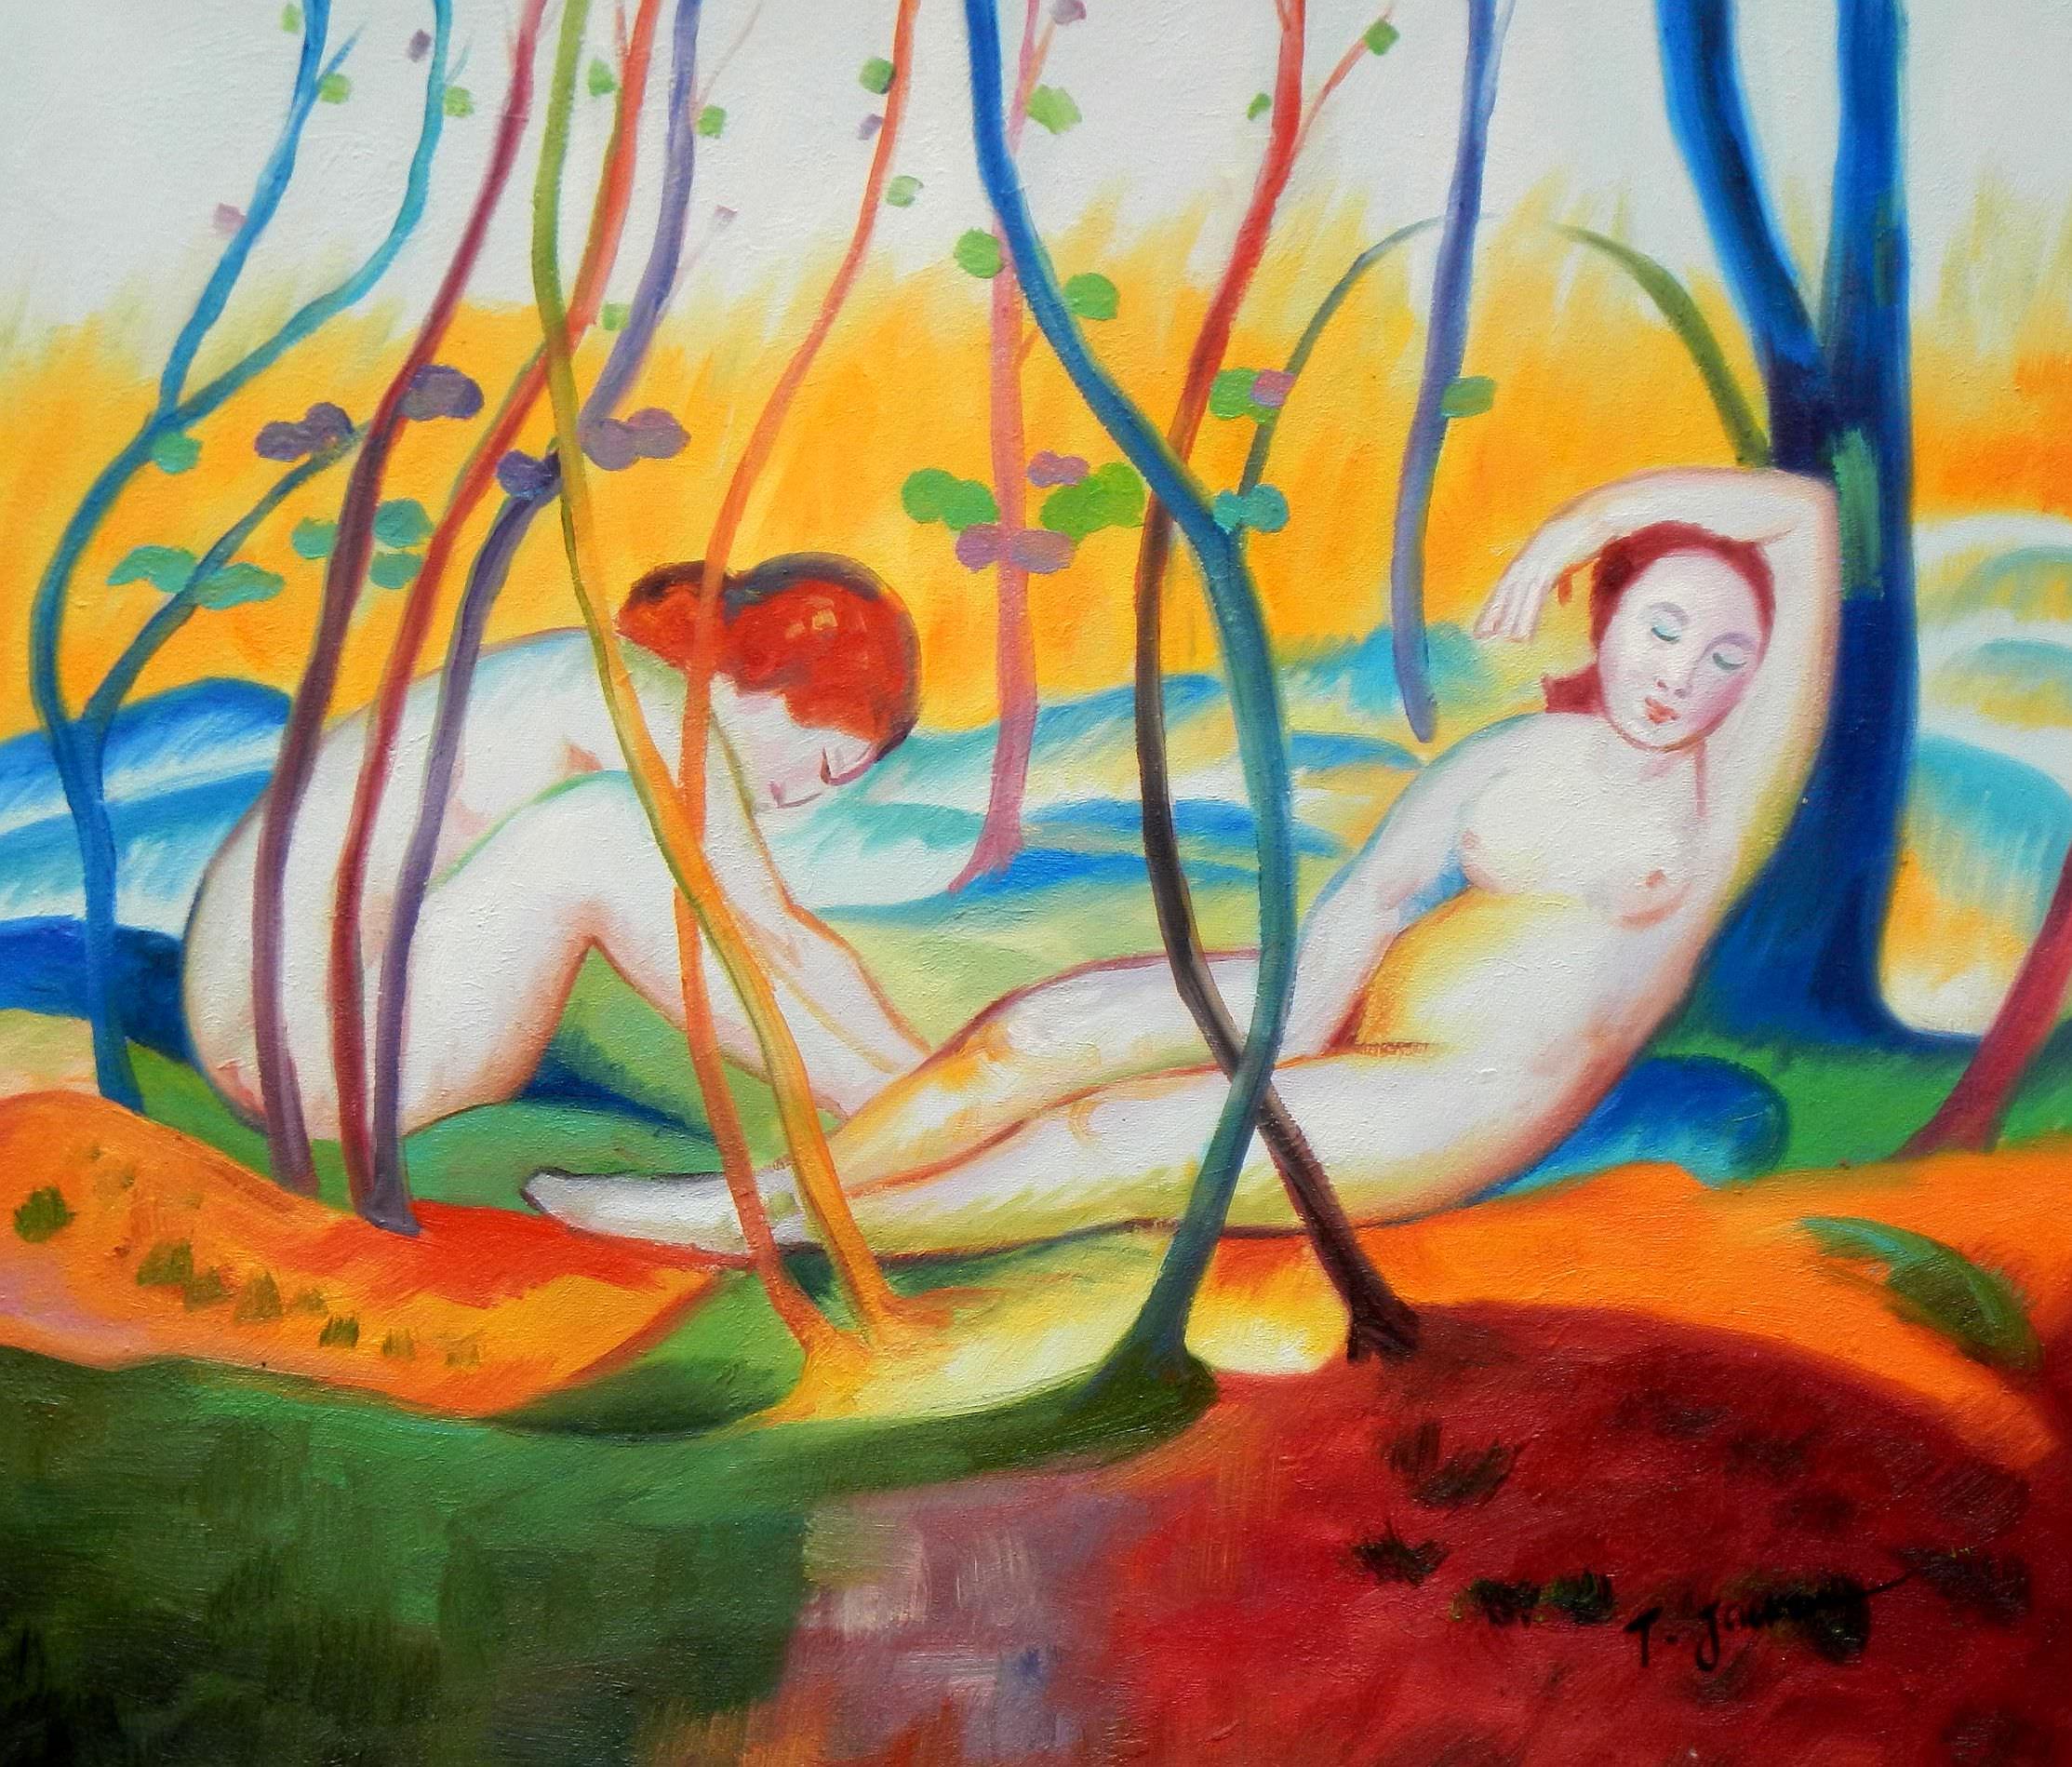 Franz Marc - Akte unter Bäumen c93286 50x60cm Ölbild handgemalt